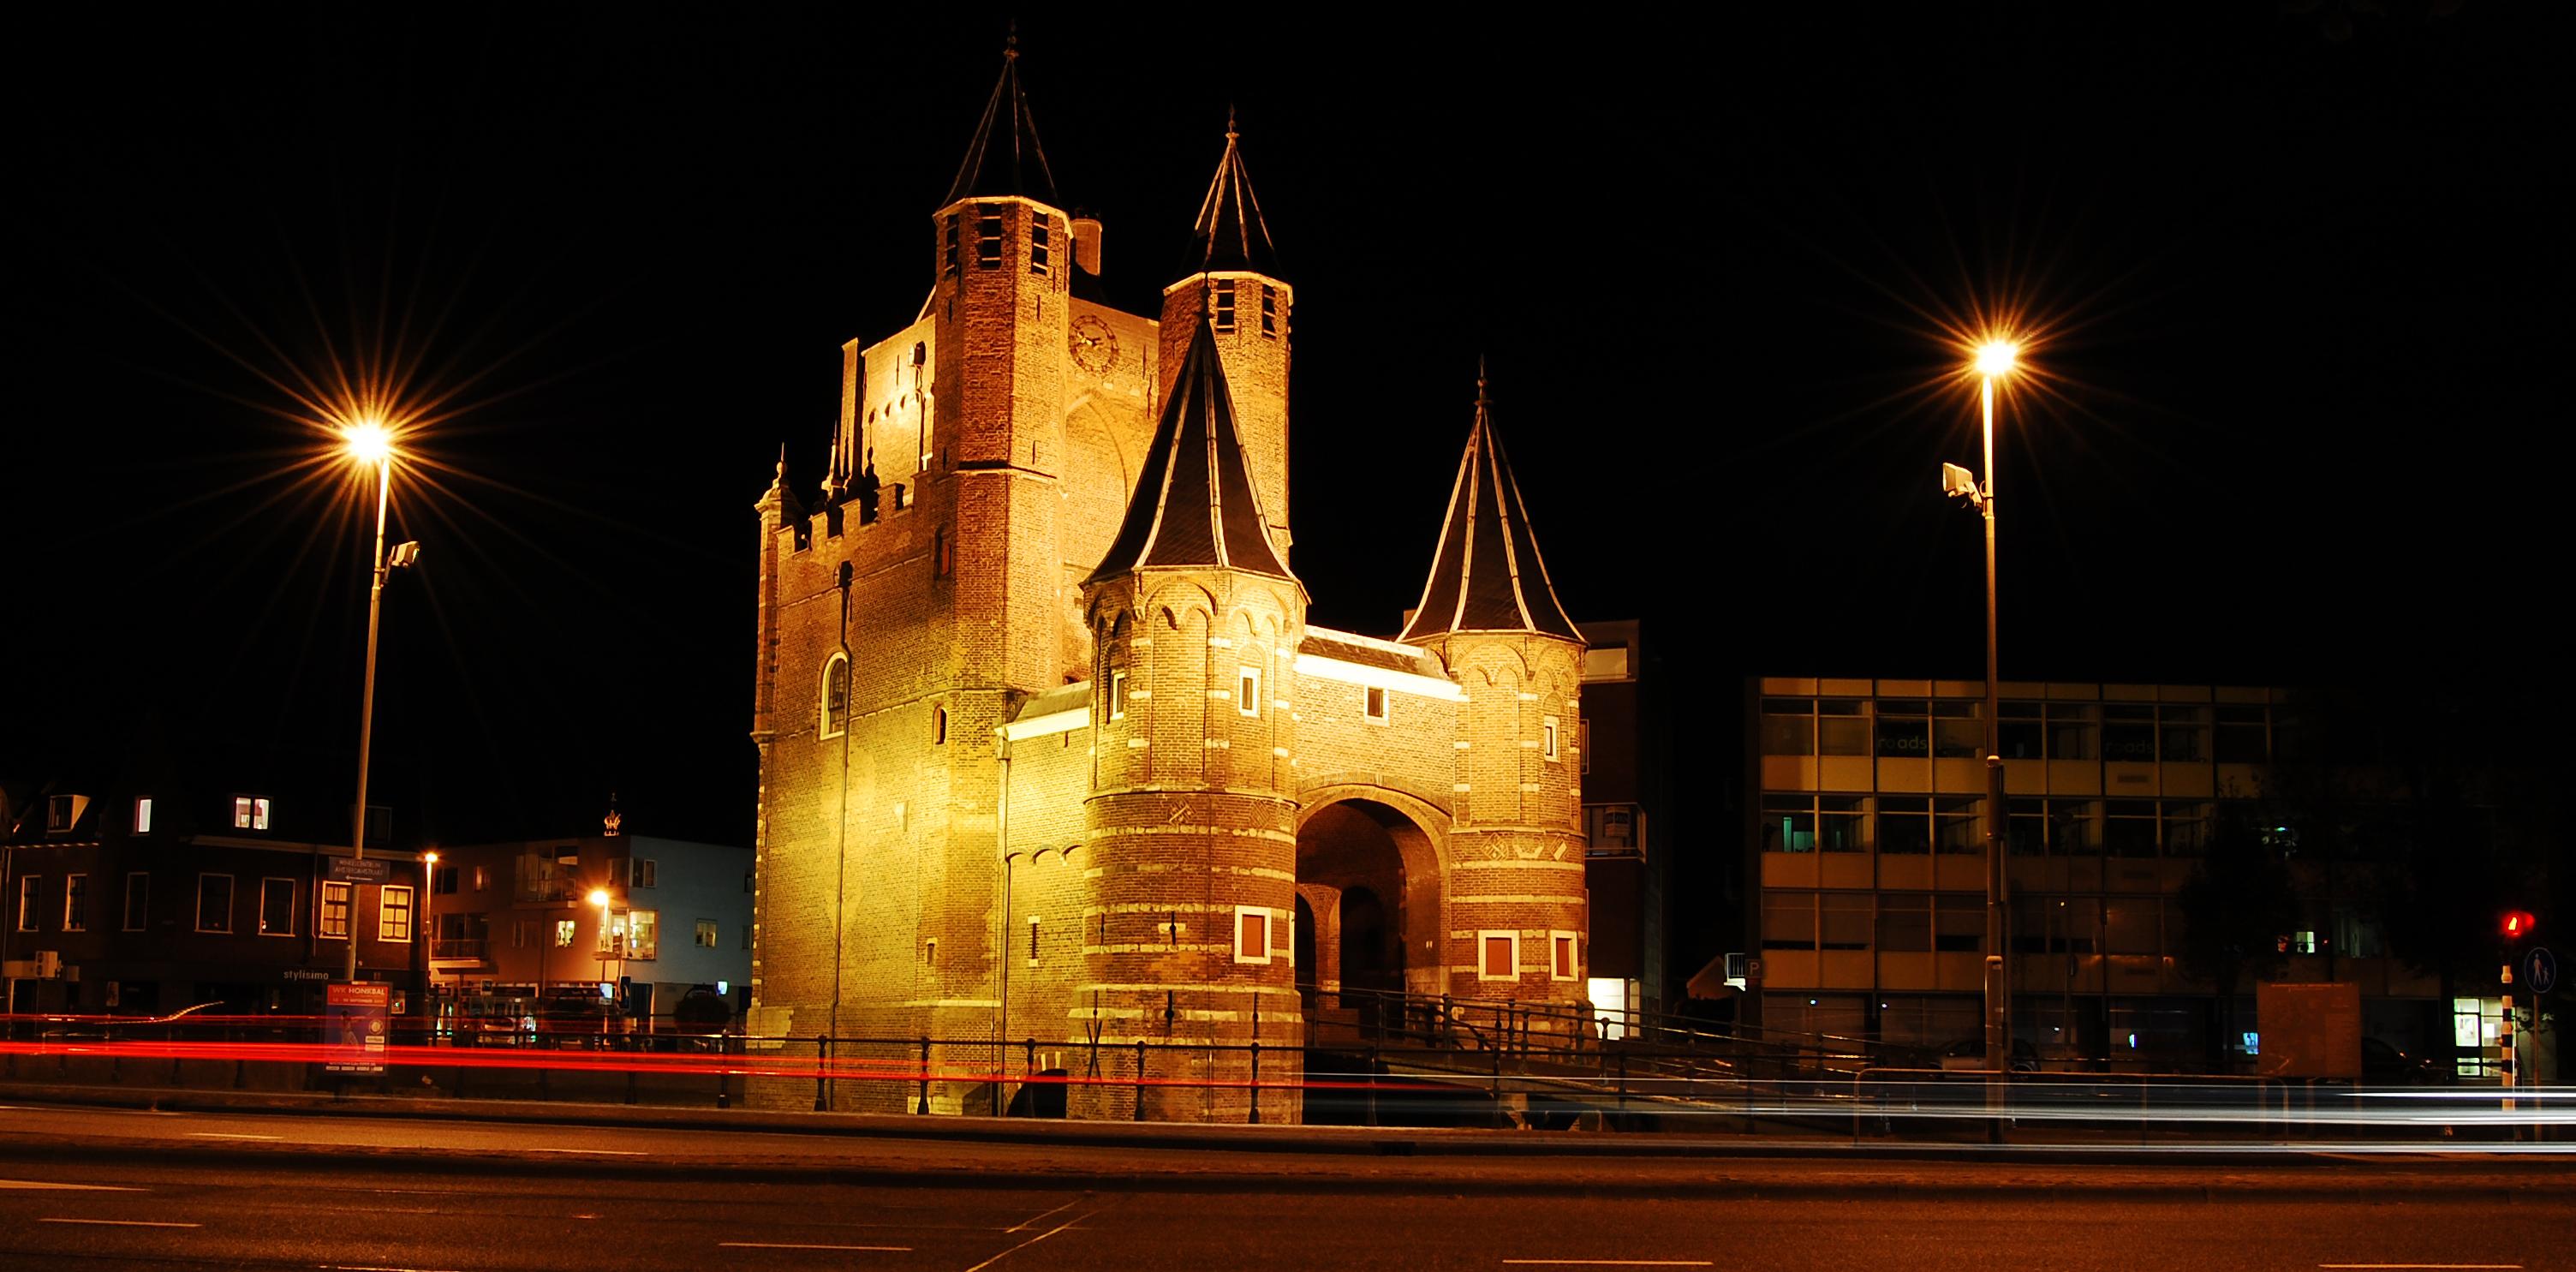 De amsterdamse poort uit 1400 in haarlem toen en nu for Amsterdam poort